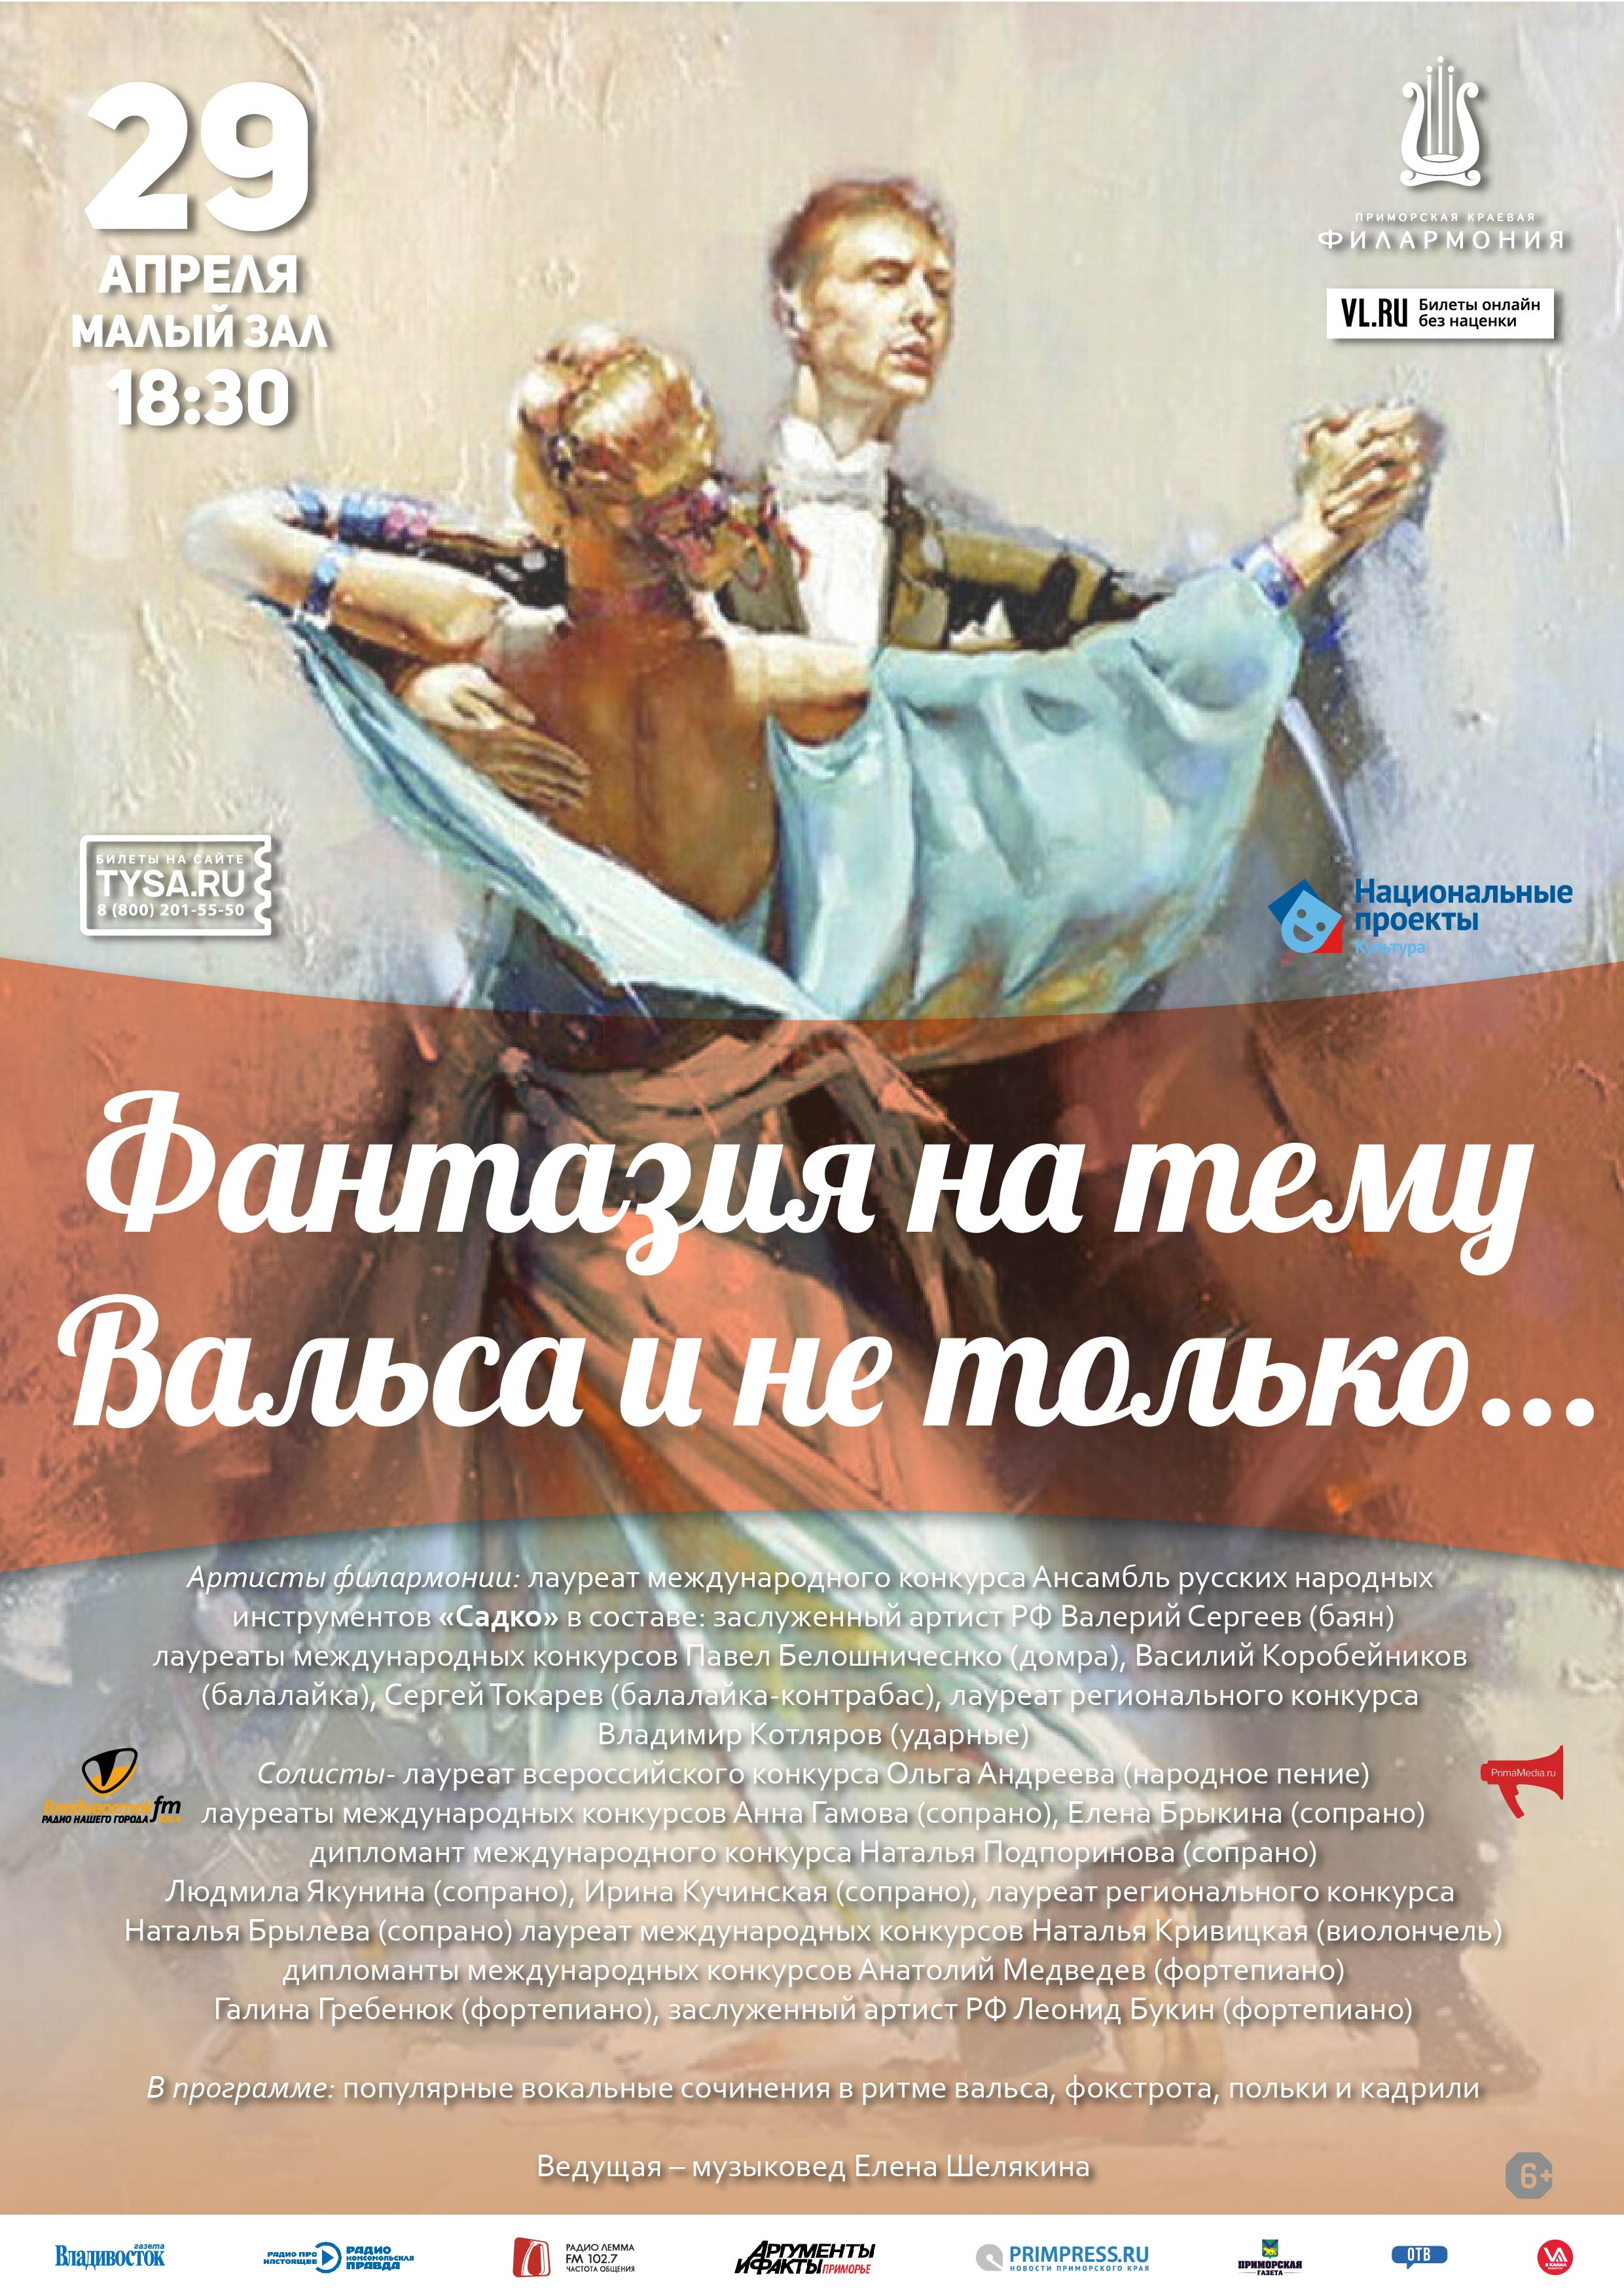 29 апреля Концертная программа «Фантазия на тему Вальса и не только…»